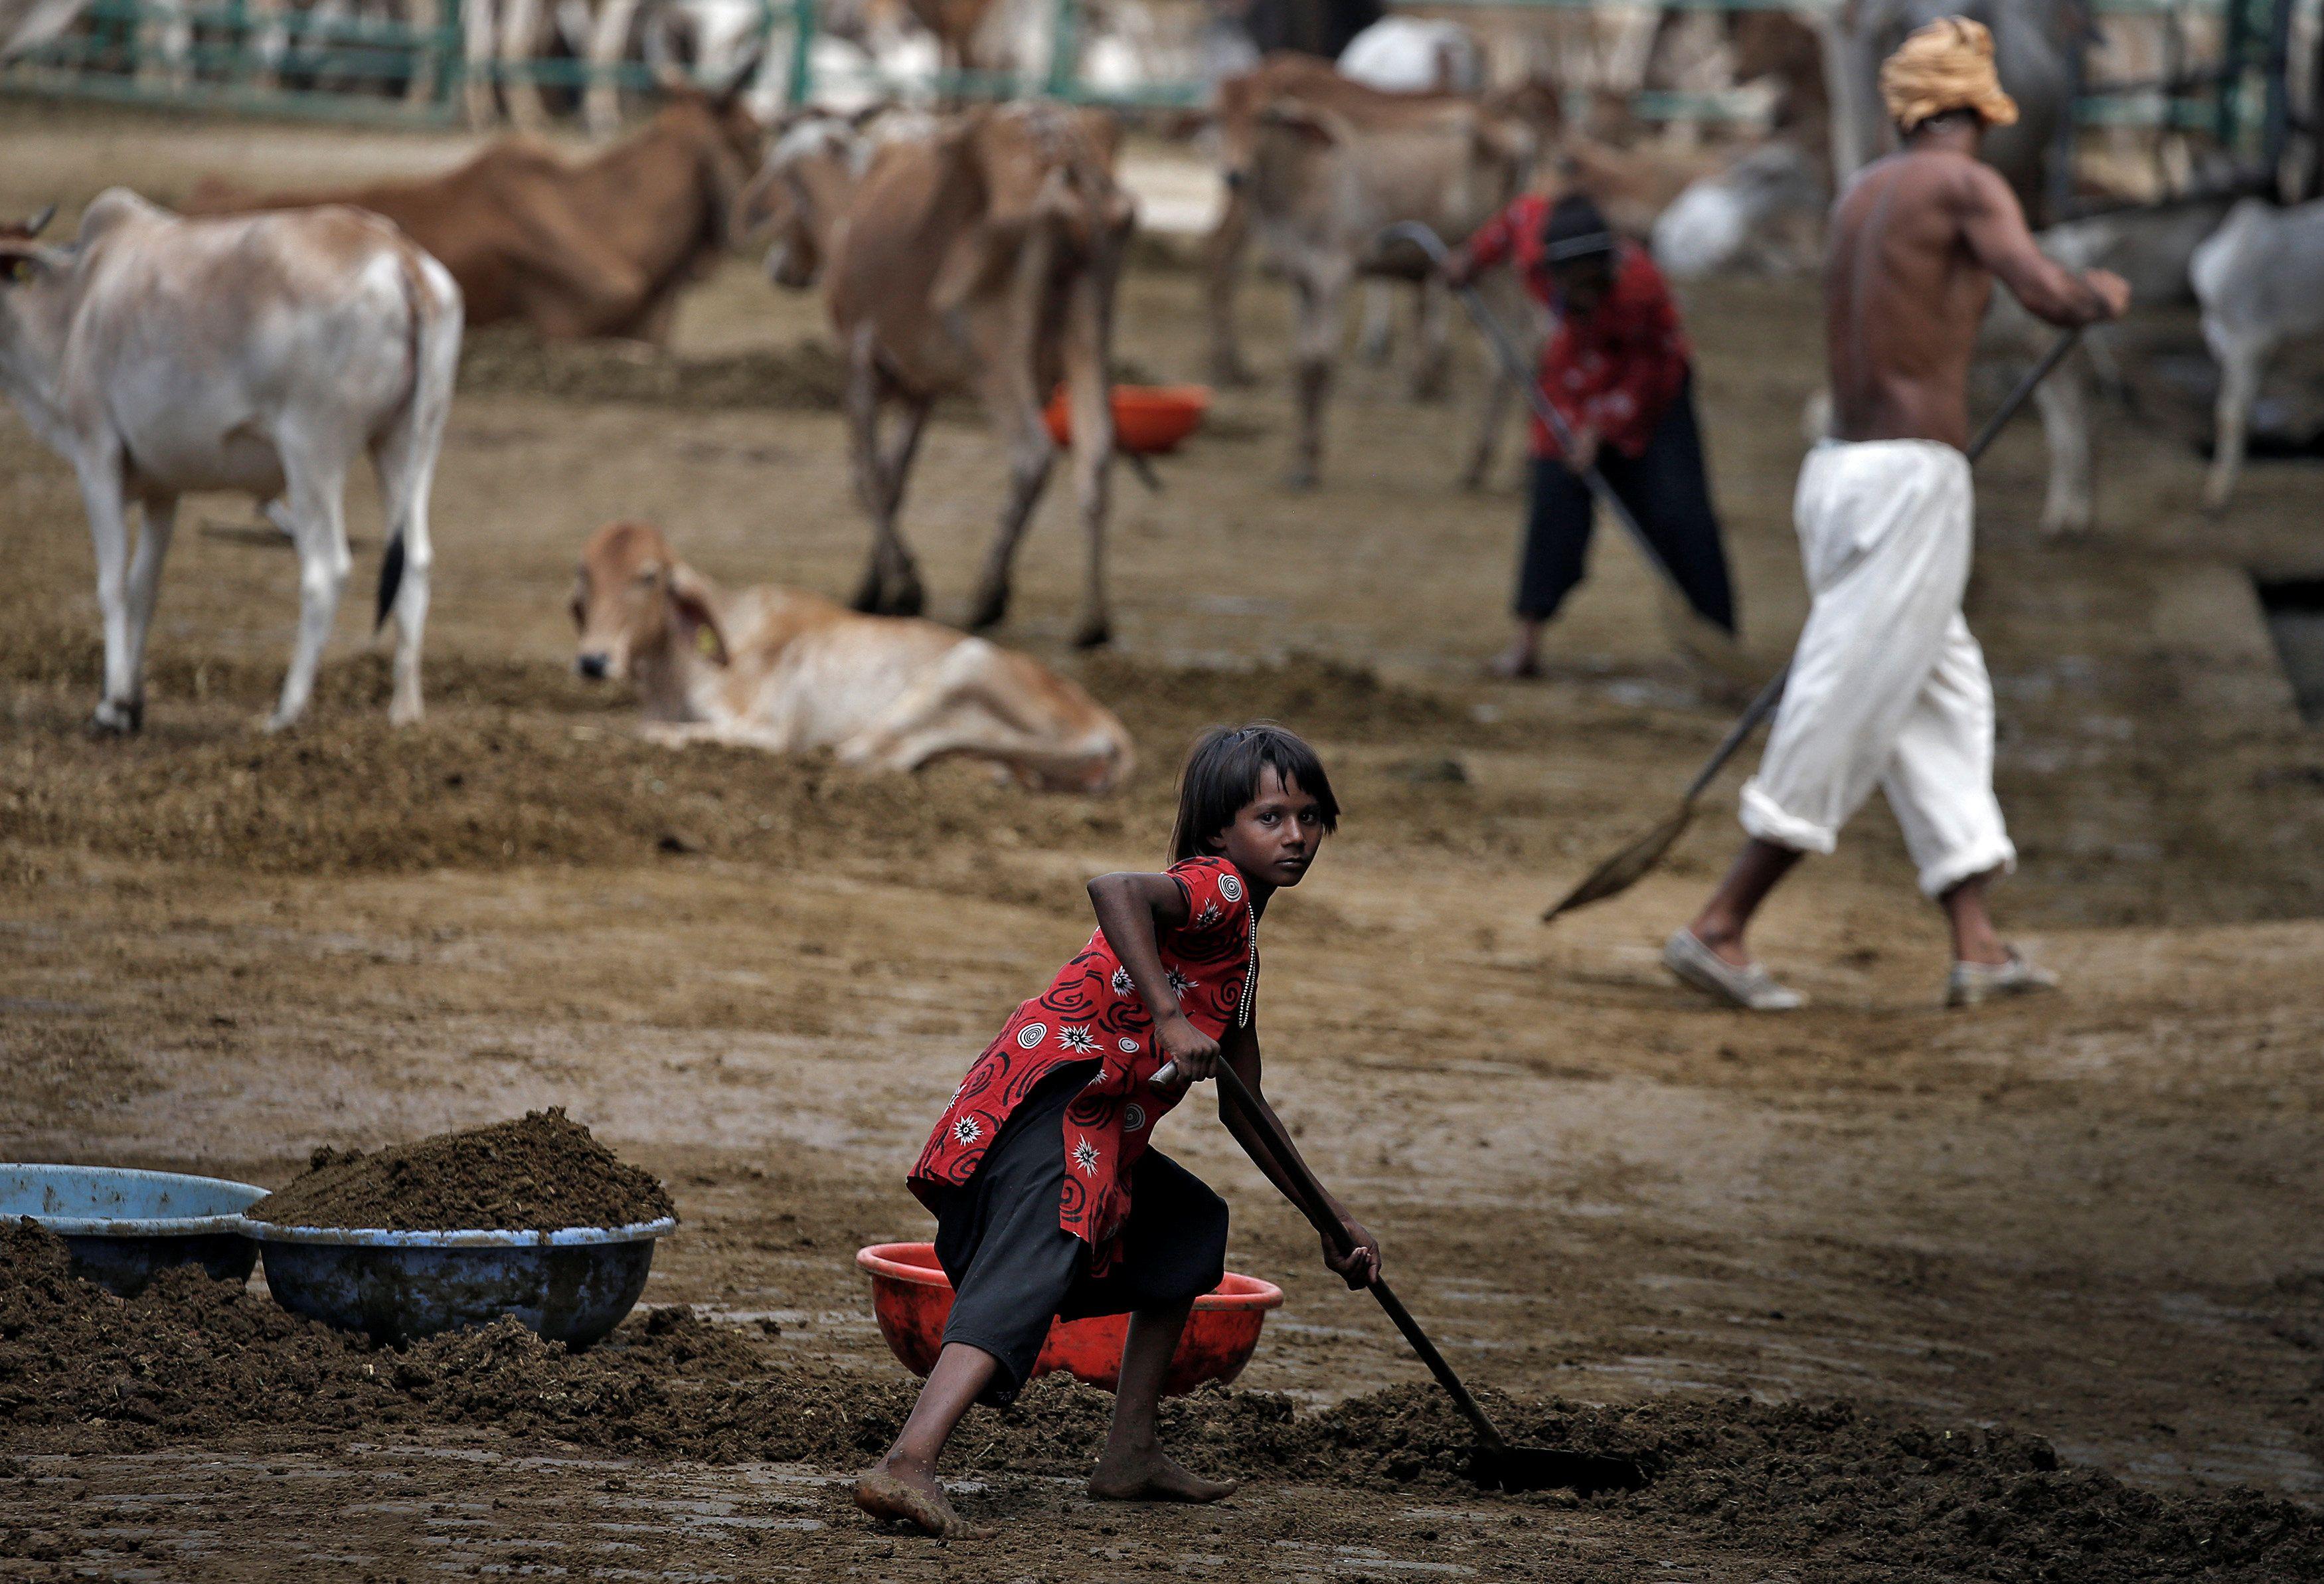 Люди чистят навоз в Индии, иллюстрация